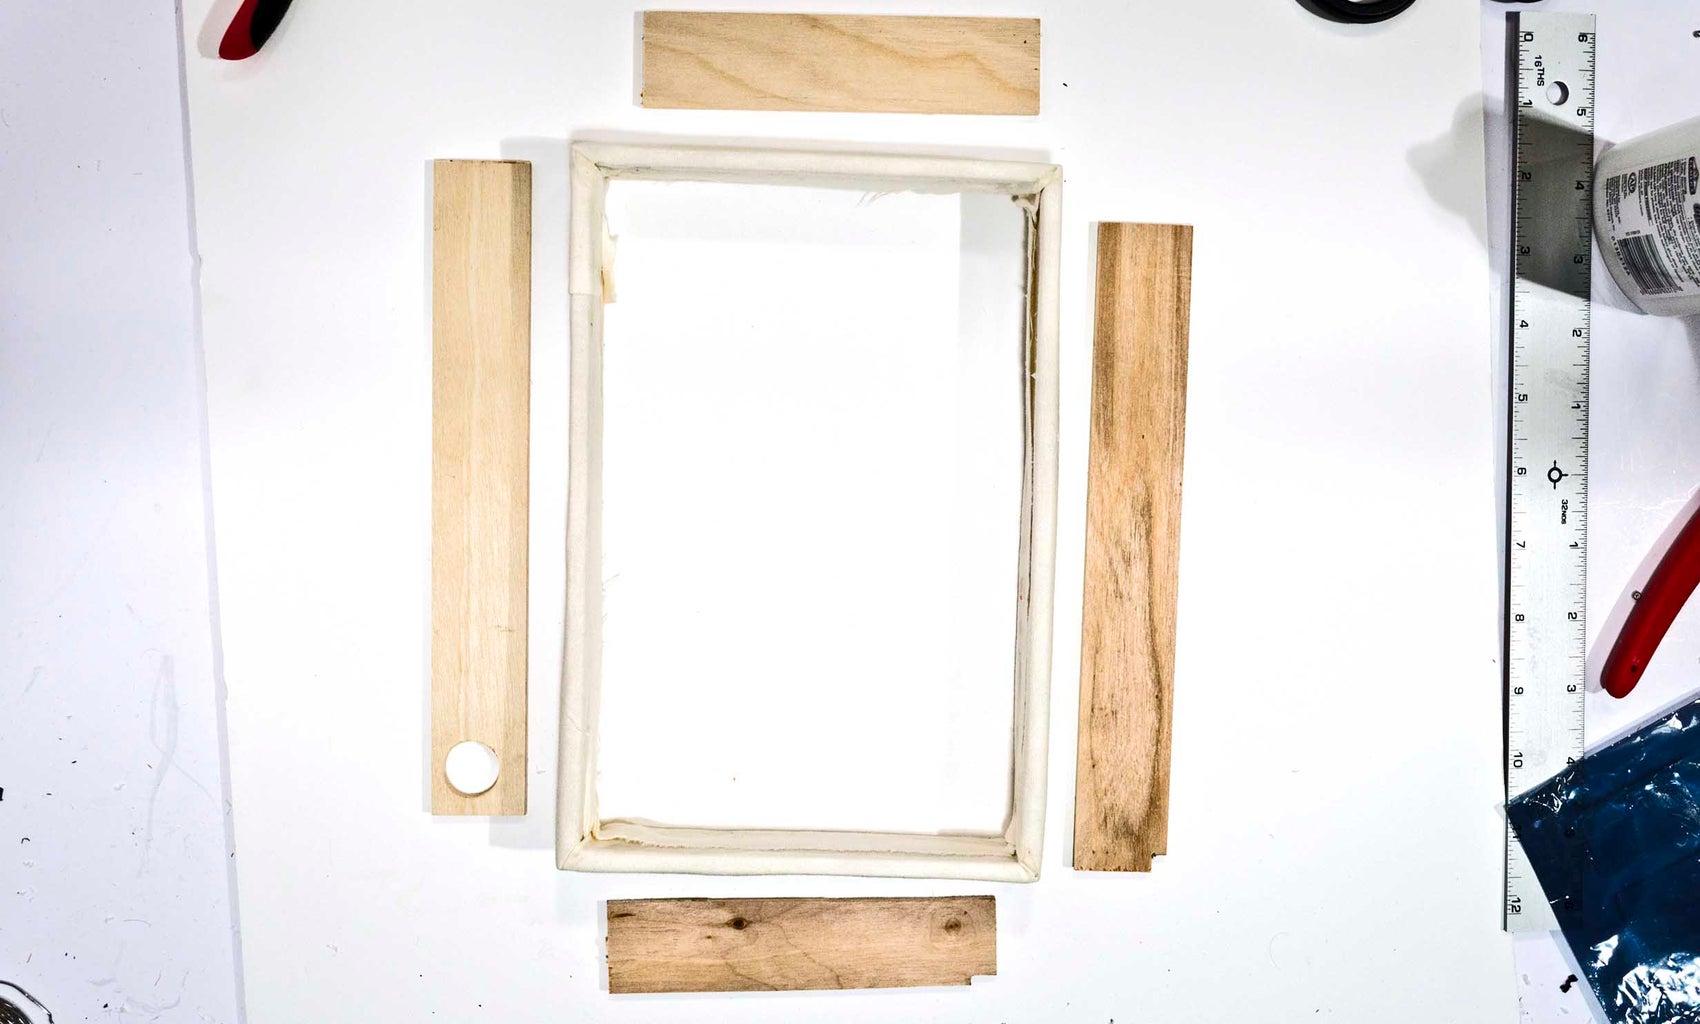 The Inner Frame